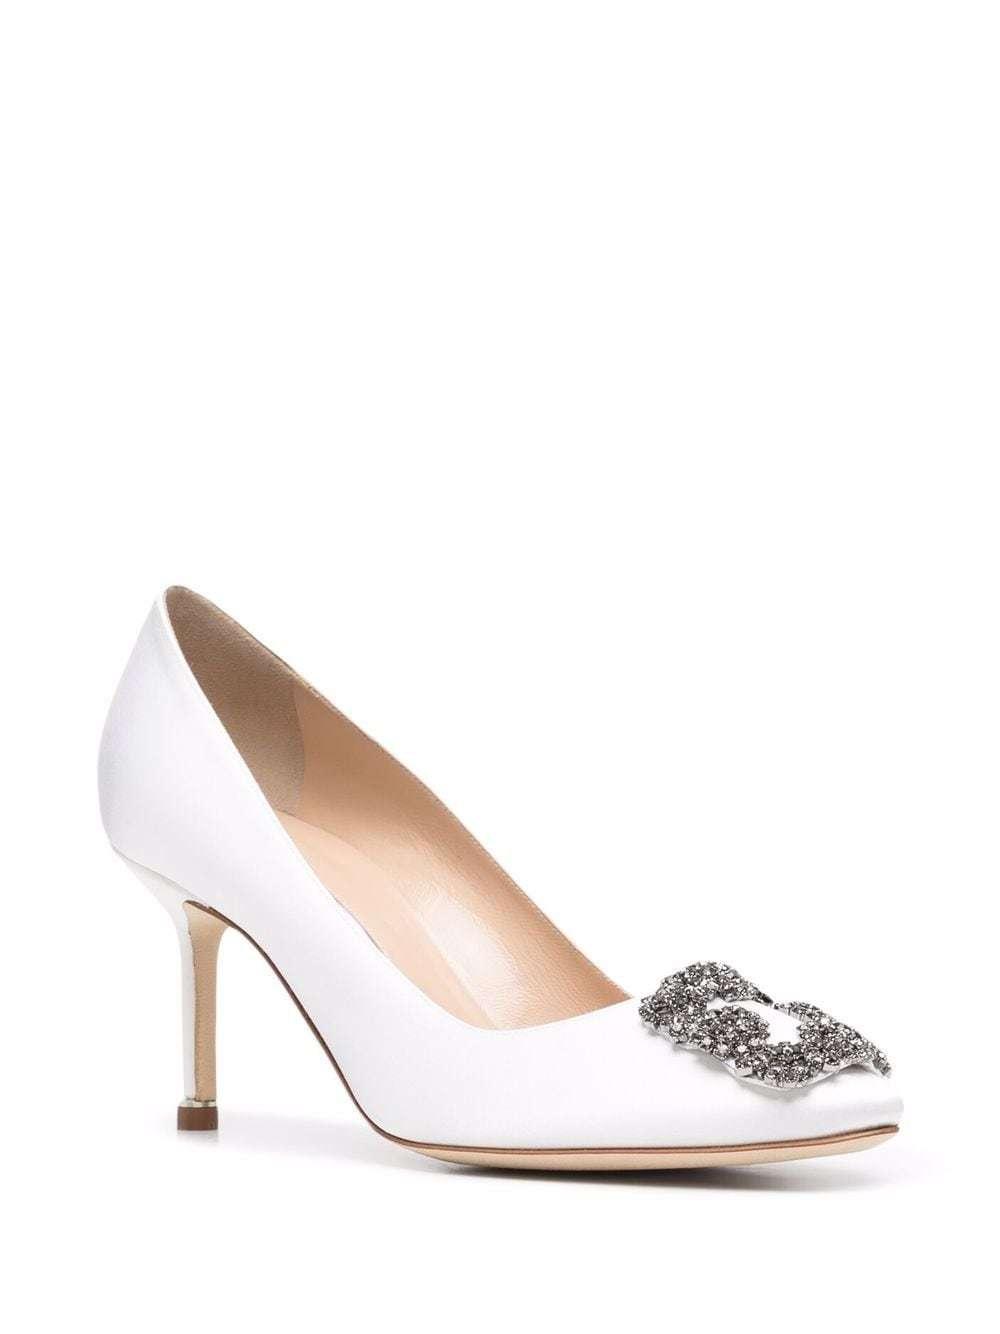 Zapatos Hangisi con tacón de 70mm de Manolo Blahnik